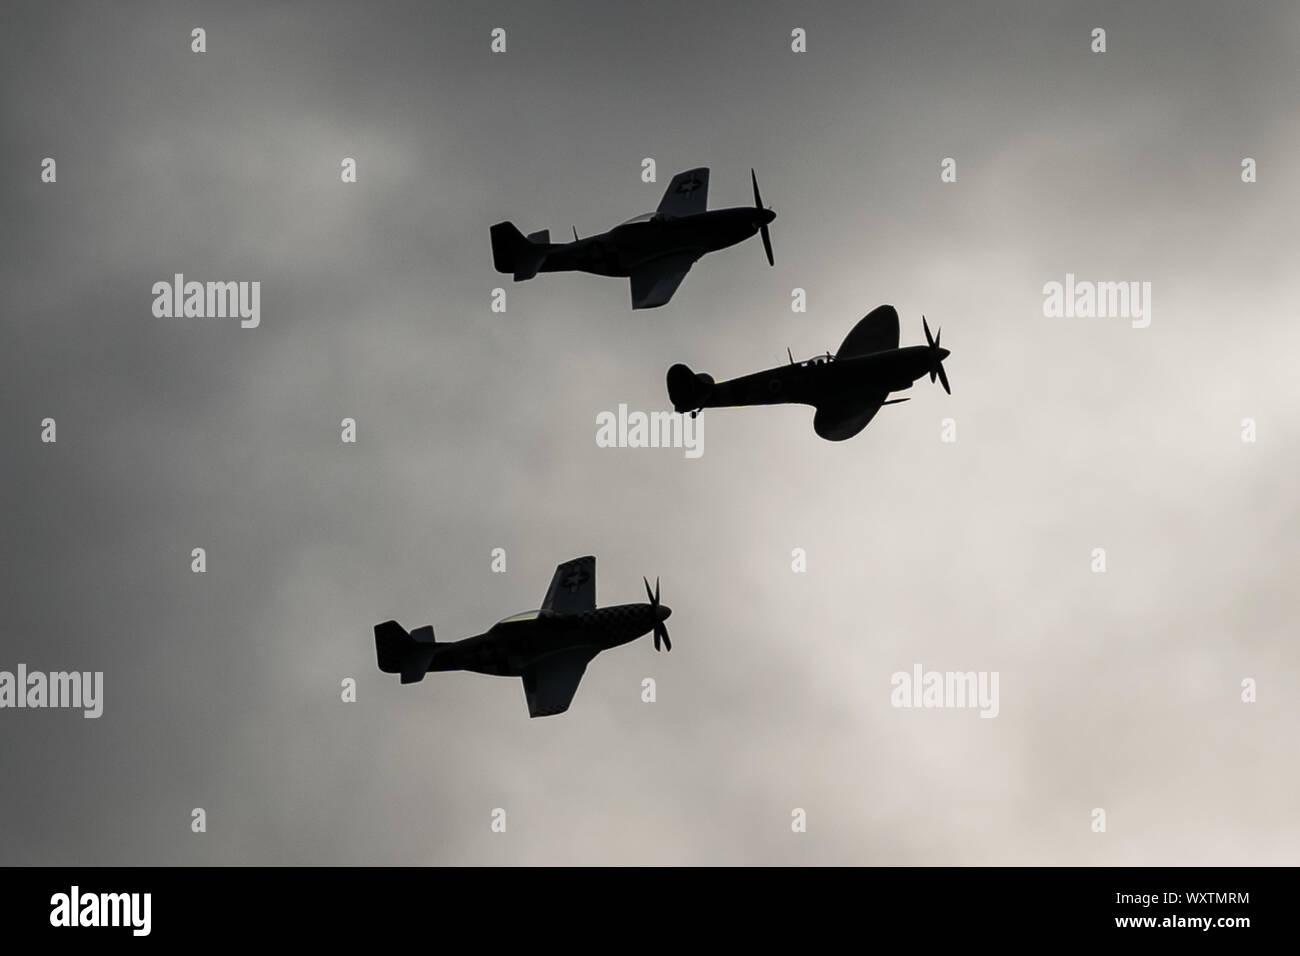 Die Vintage-themed Goodwood Revival. Großbritanniens größte jährliche Classic Car Show. Rolls Royce Merlin Spitfire Mk IX (Mitte) und zwei P51D Mustang Kampfflugzeuge in den Himmel drei Tage der Aktion ab, was einst RAF Westhampnet. UK. Stockfoto